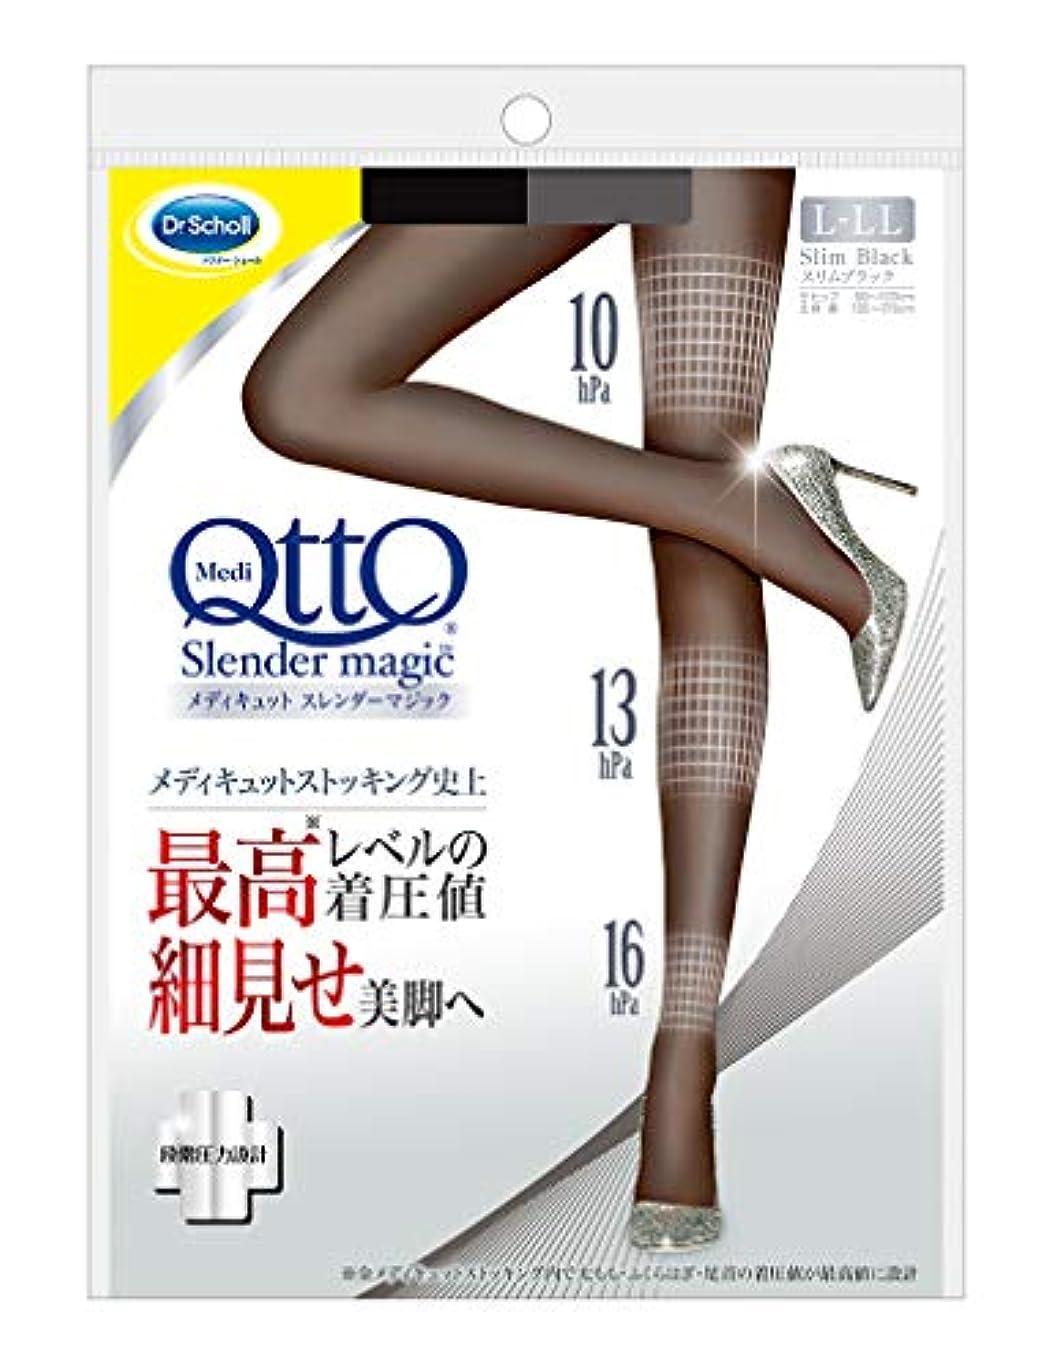 原点アセンブリ韓国語メディキュット スレンダーマジック 着圧ストッキング スリムブラック 黒 弾性 加圧 スリム 美脚効果 L-LL